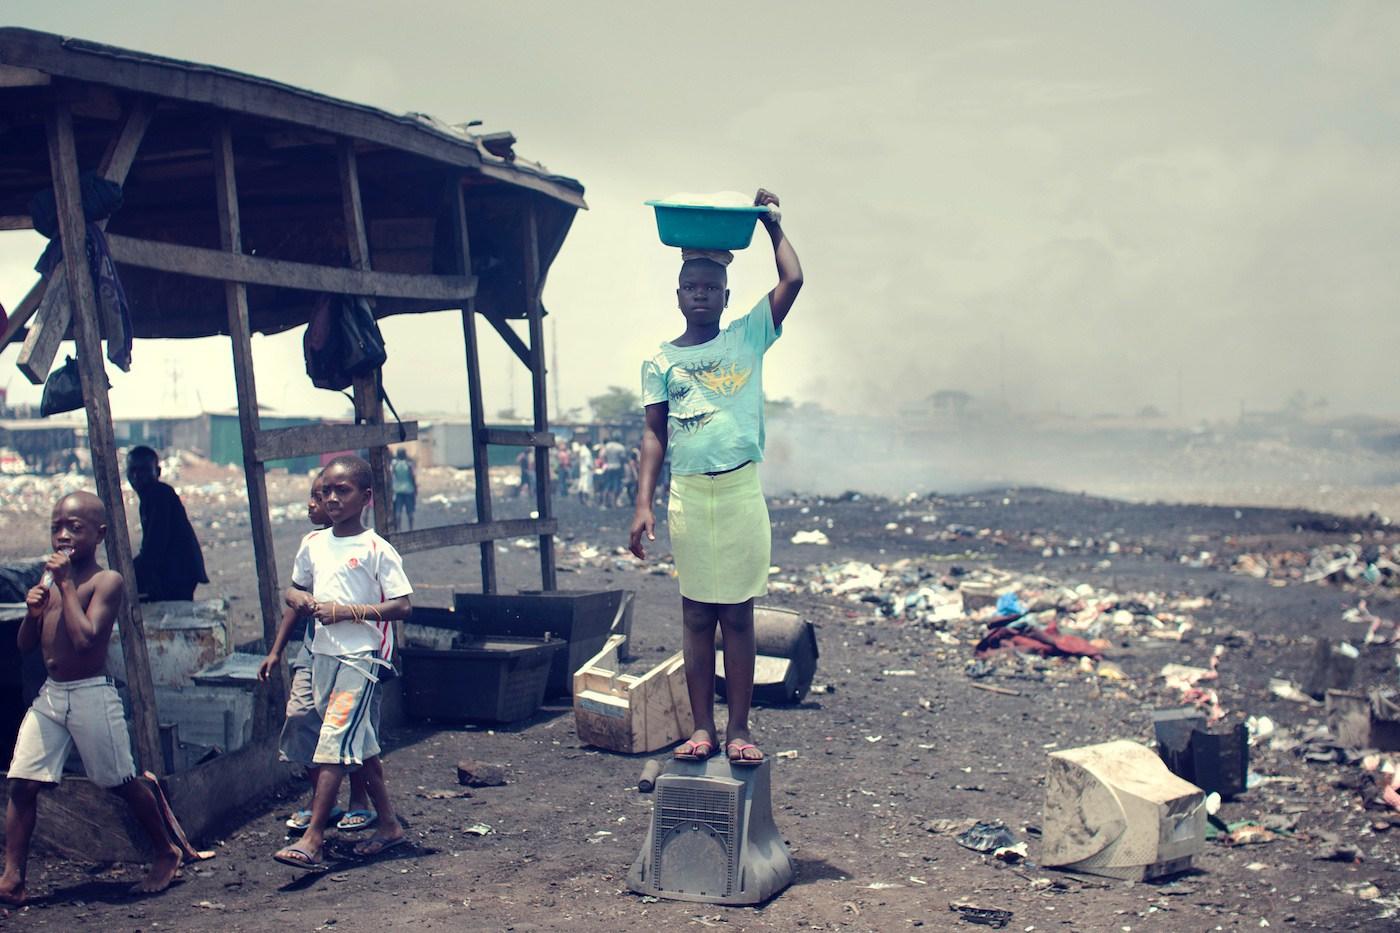 Agbogbloshie_KevinMcElvaney_Accra_e-waste-14